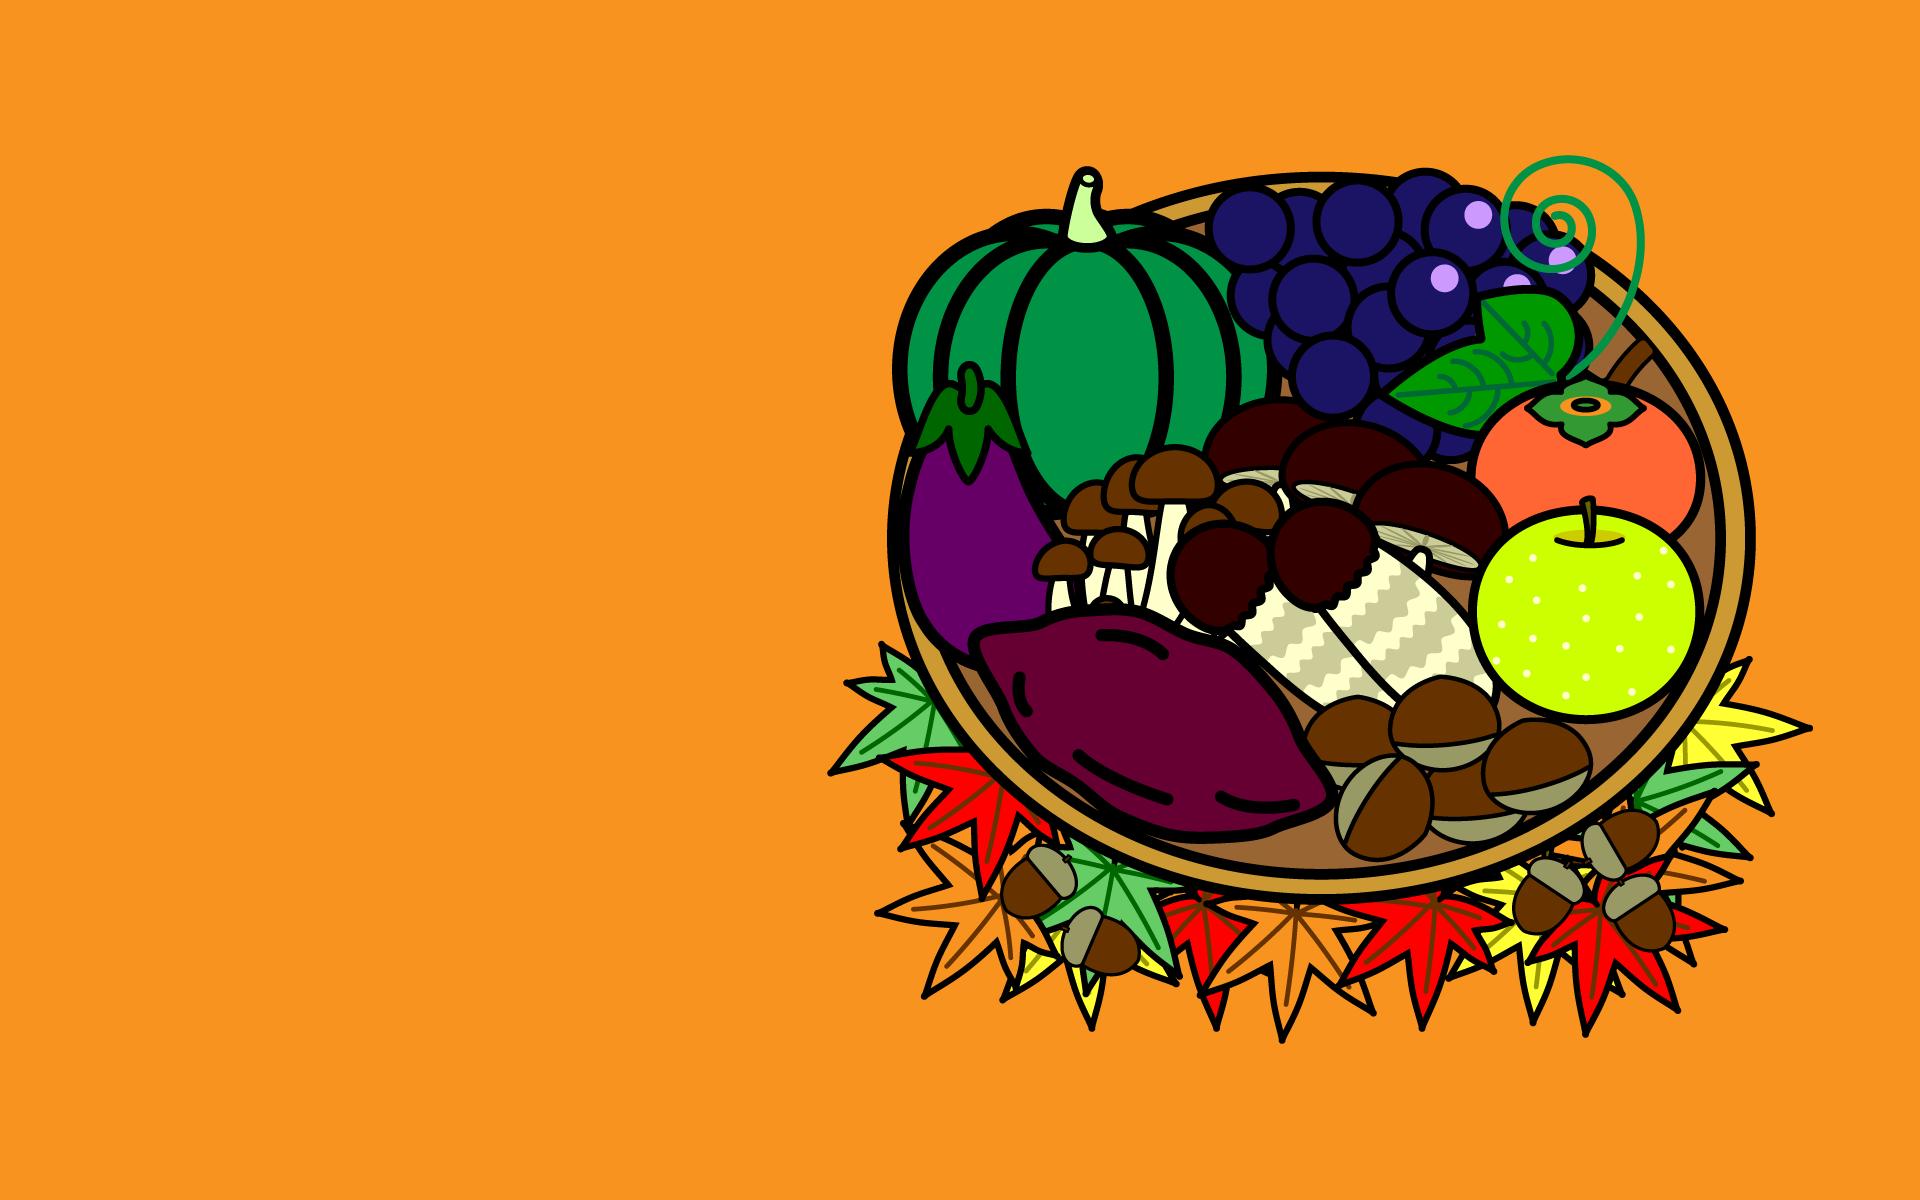 かわいい秋の味覚狩り壁紙(PC)の無料イラスト・商用フリー